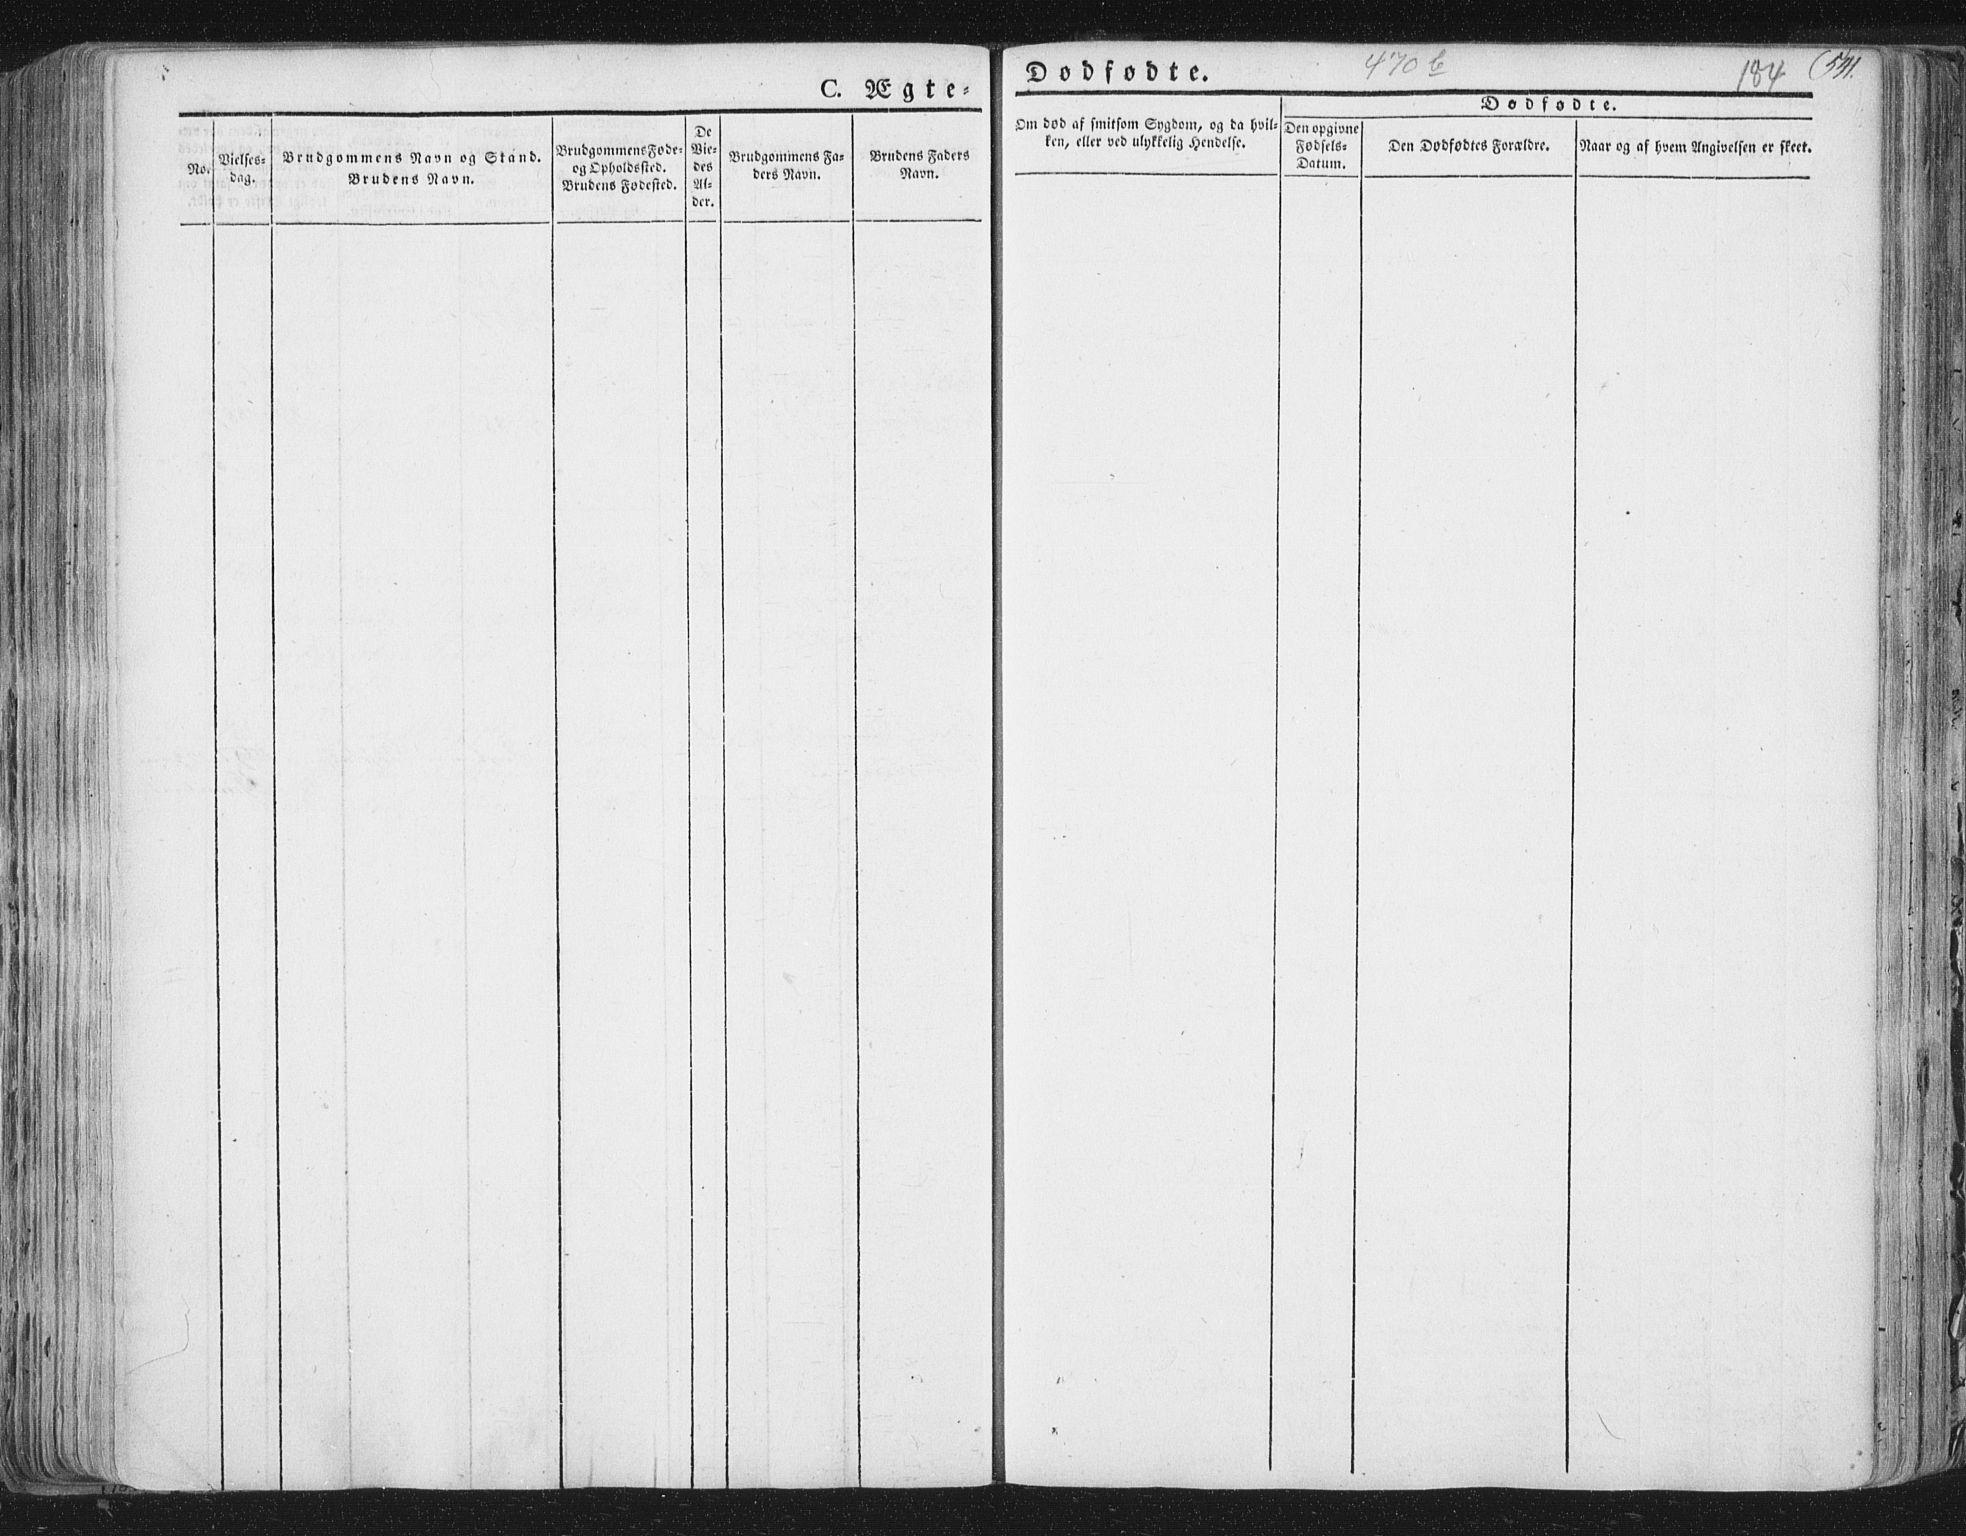 SAT, Ministerialprotokoller, klokkerbøker og fødselsregistre - Nord-Trøndelag, 758/L0513: Ministerialbok nr. 758A02 /3, 1839-1868, s. 184